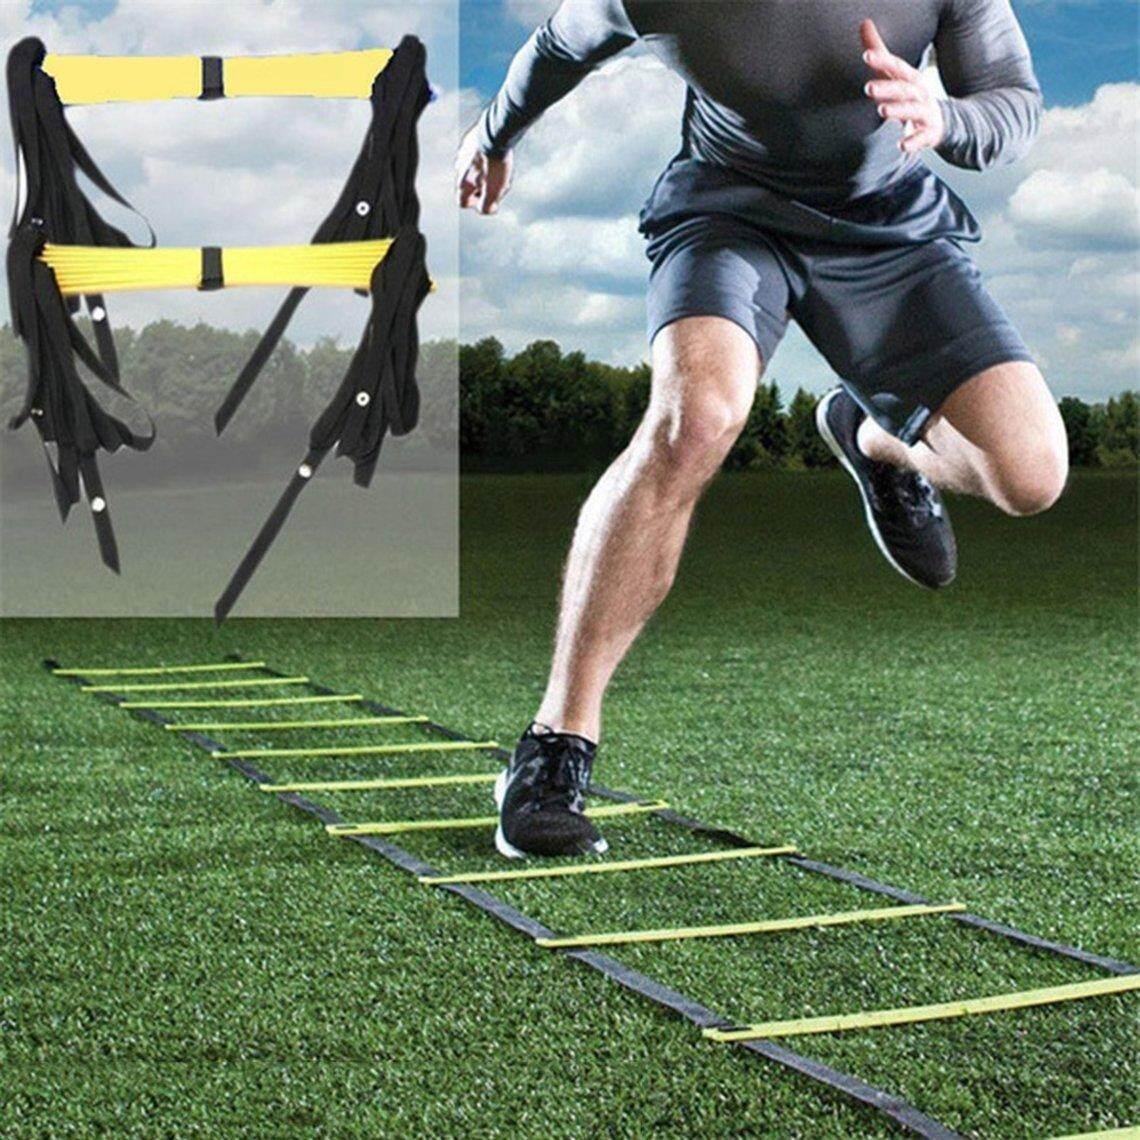 Bảng giá Tốt Nhất Giảm Giá Bền 8 Rung 15 Chân 4M Sự Nhanh Nhẹn Thang Cho Bóng Đá Luyện Tập Tốc Độ